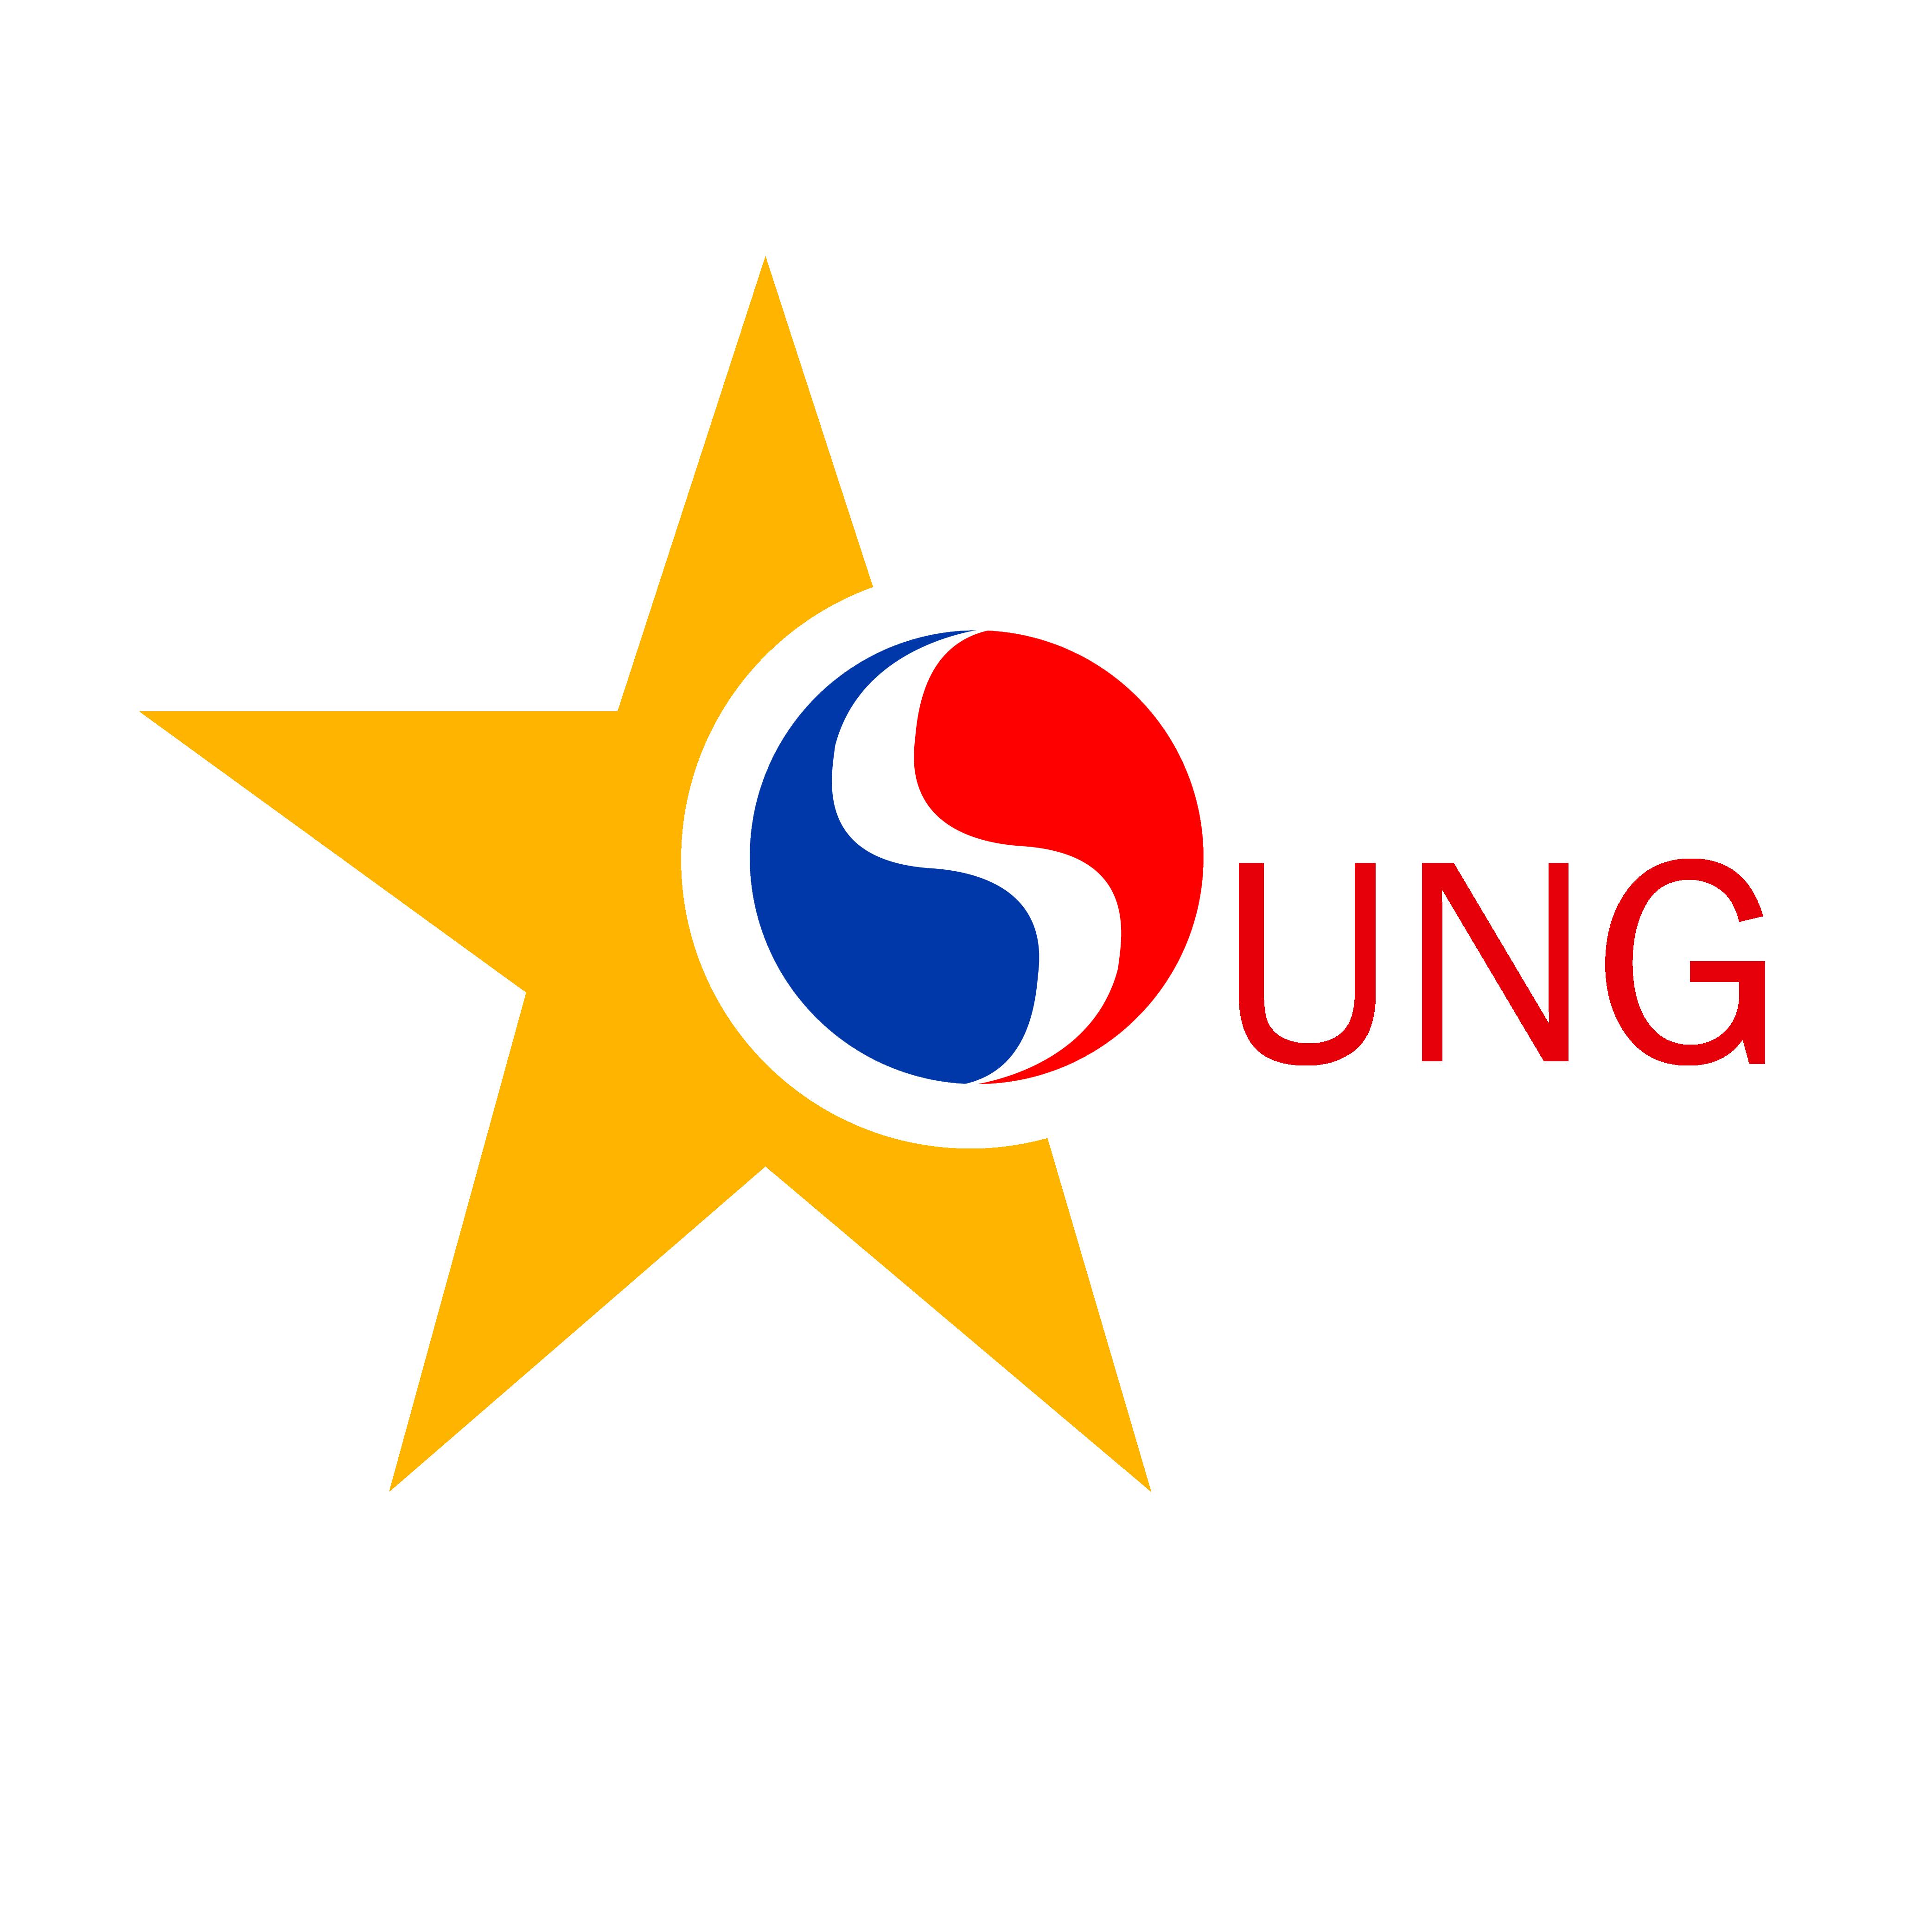 Asung – Trung Tâm Tư Vấn Du Học Hàn Quốc Uy Tín, Chuyên Nghiệp